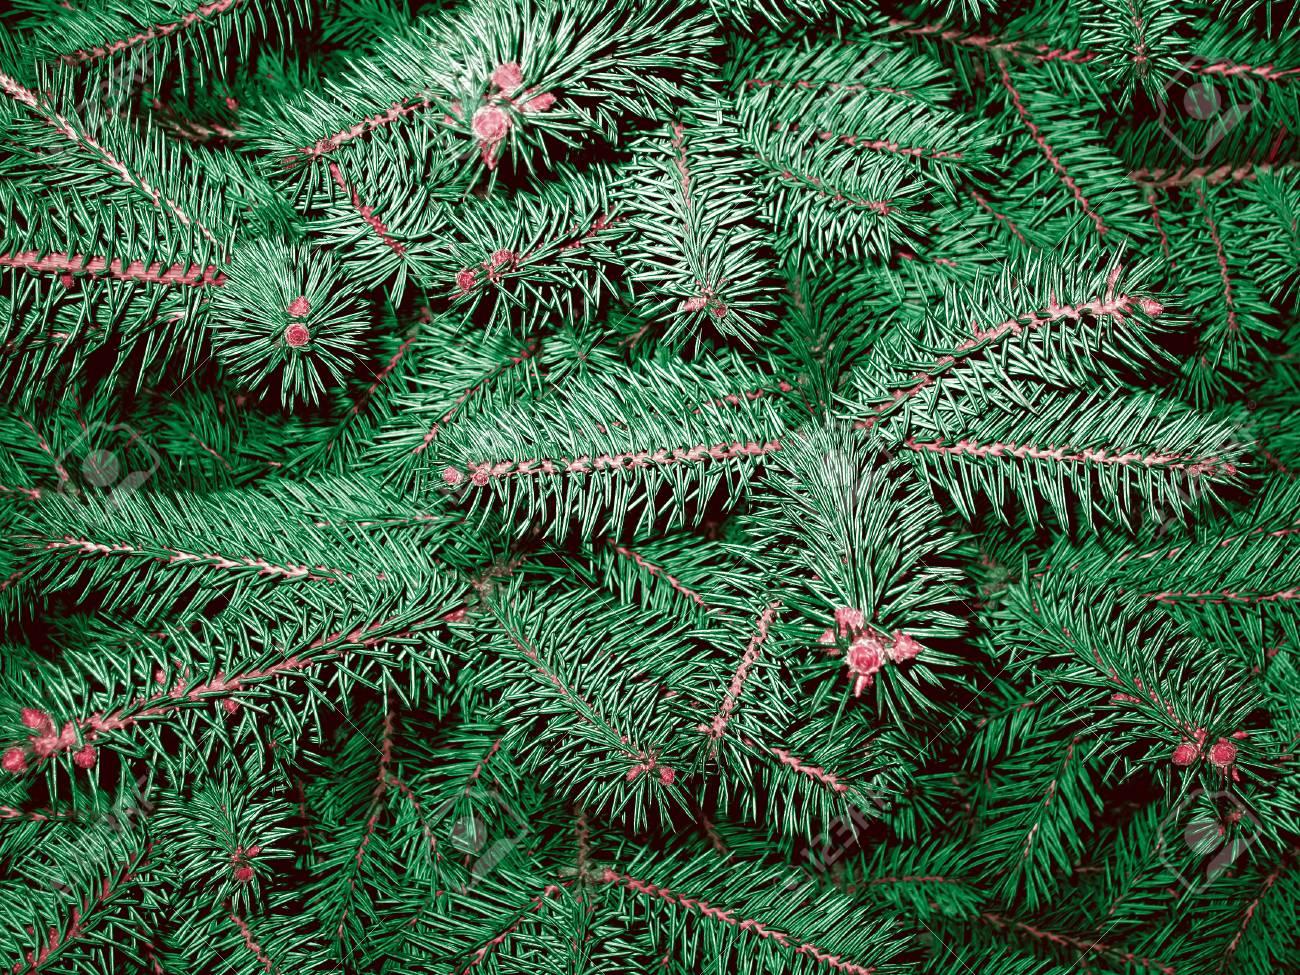 Weihnachtsbaum Nadeln.Stock Photo